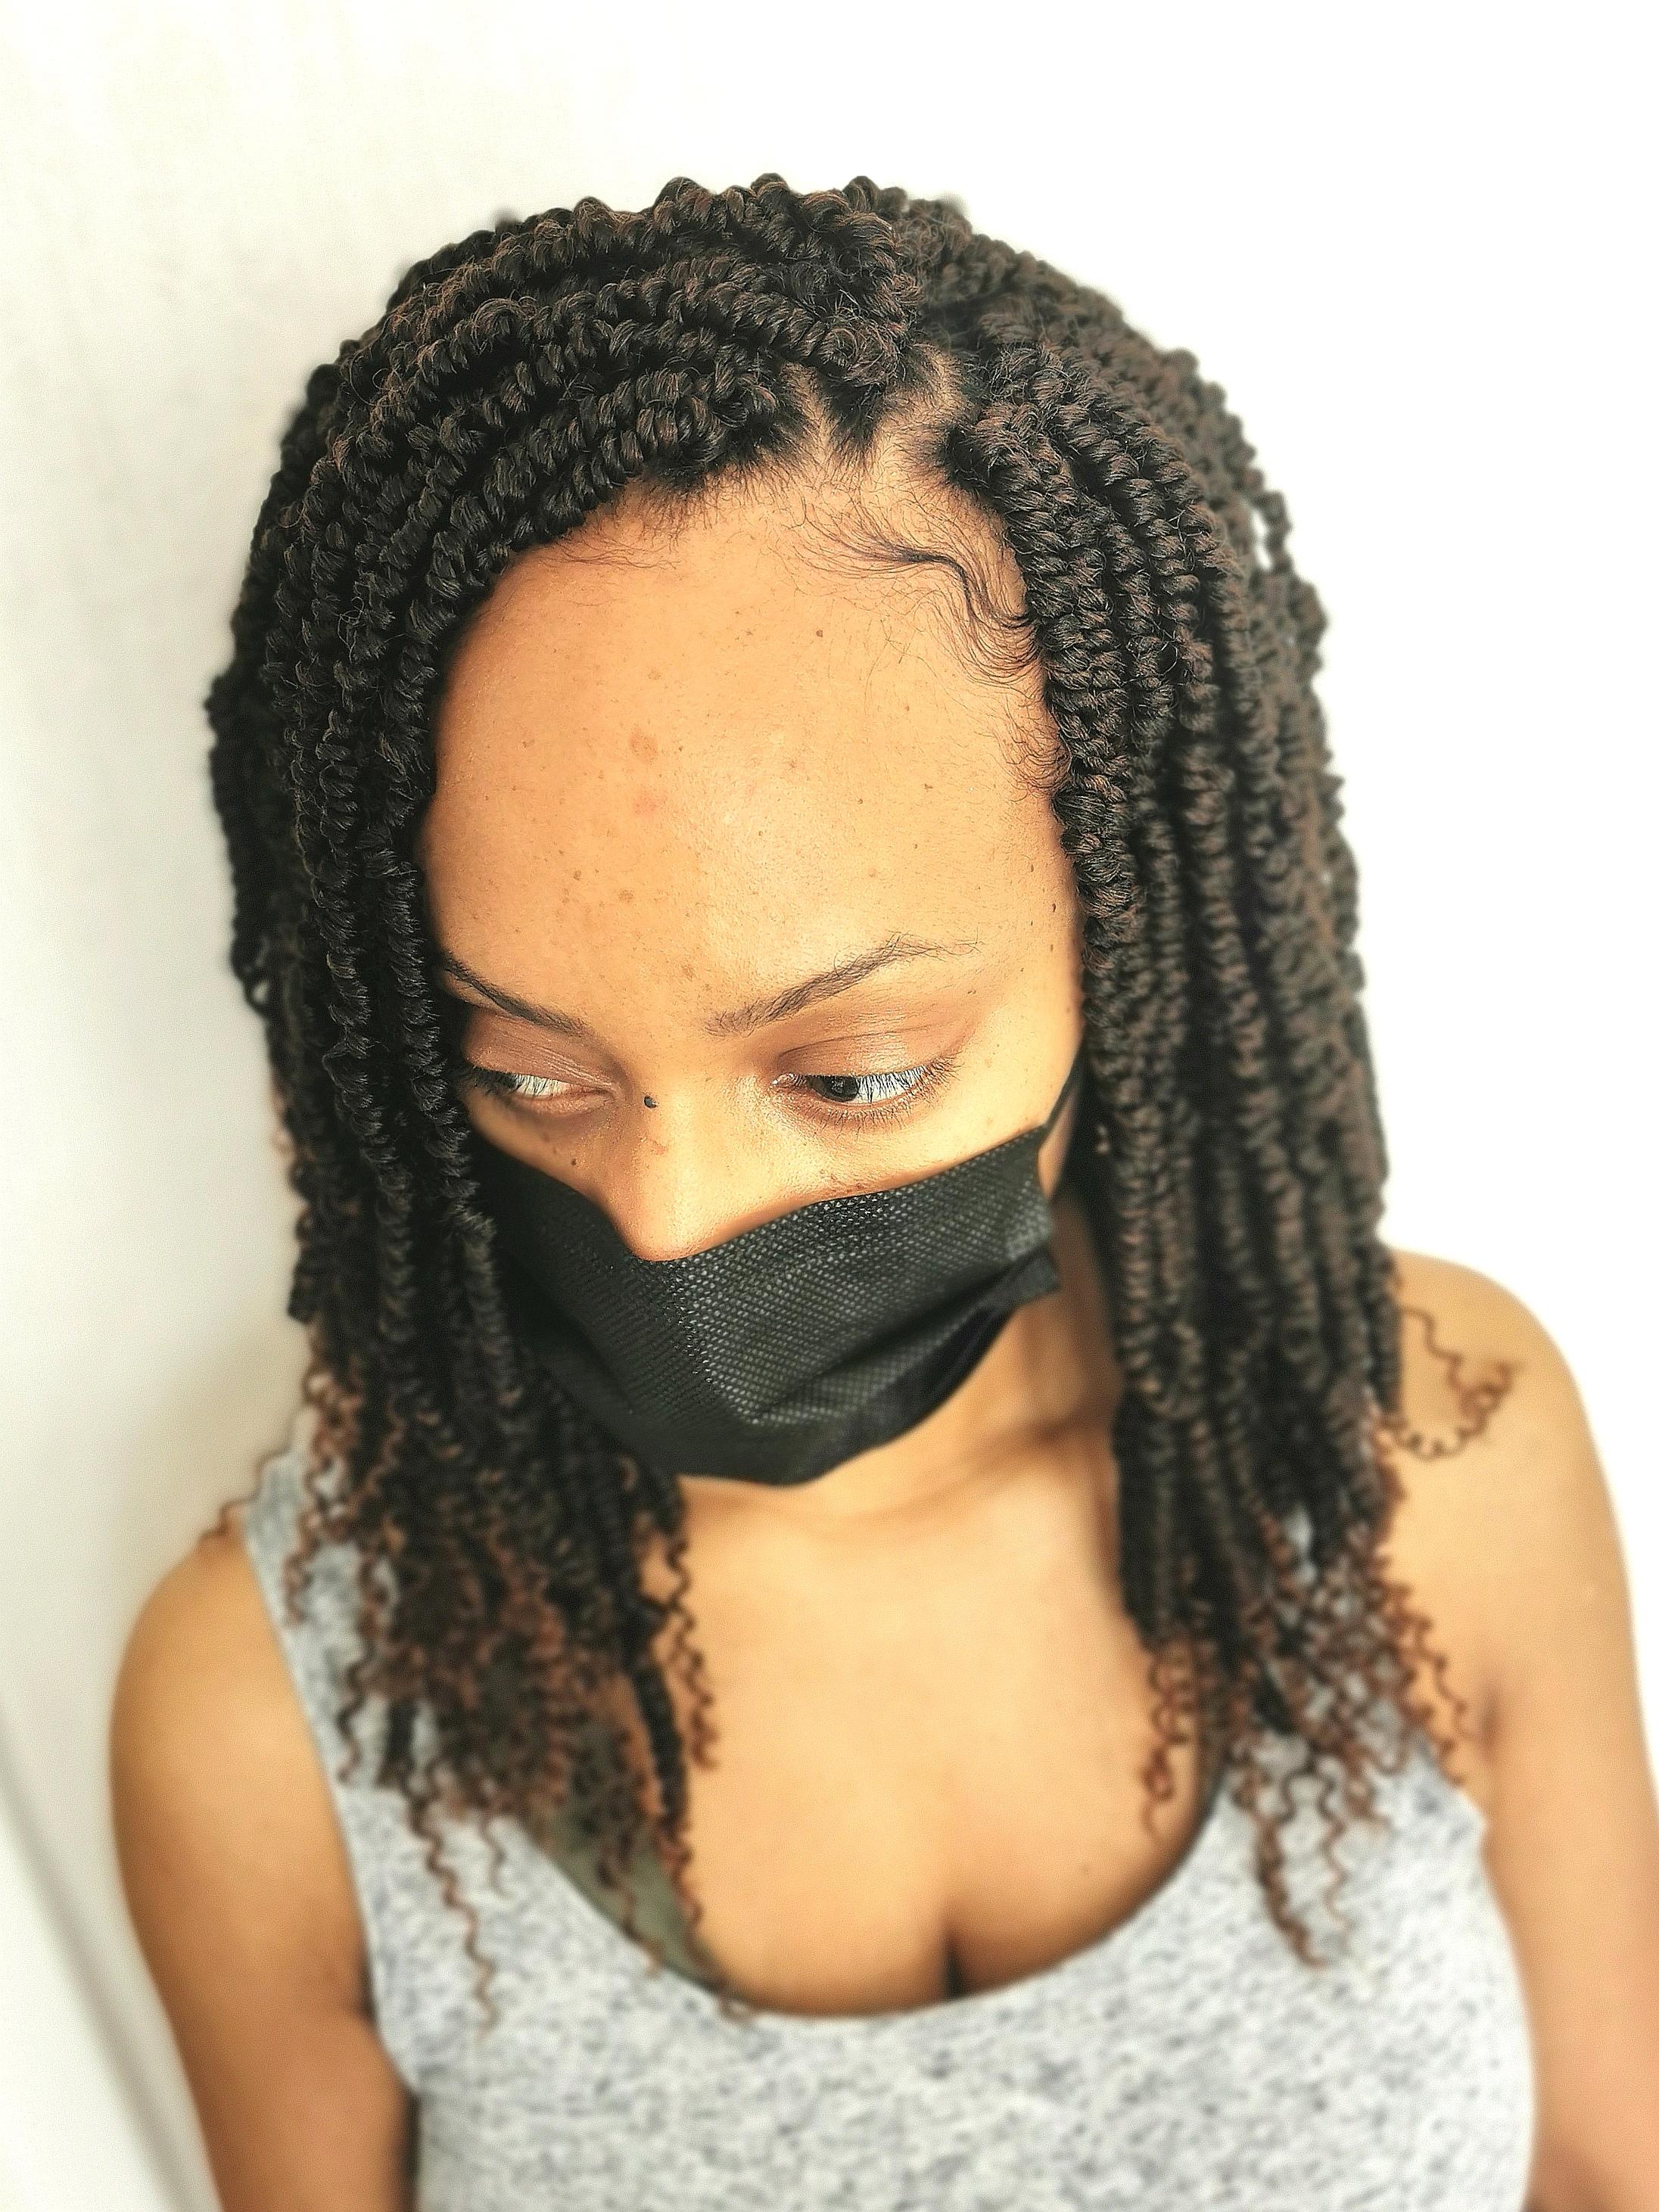 salon de coiffure afro tresse tresses box braids crochet braids vanilles tissages paris 75 77 78 91 92 93 94 95 XCAIGRUE